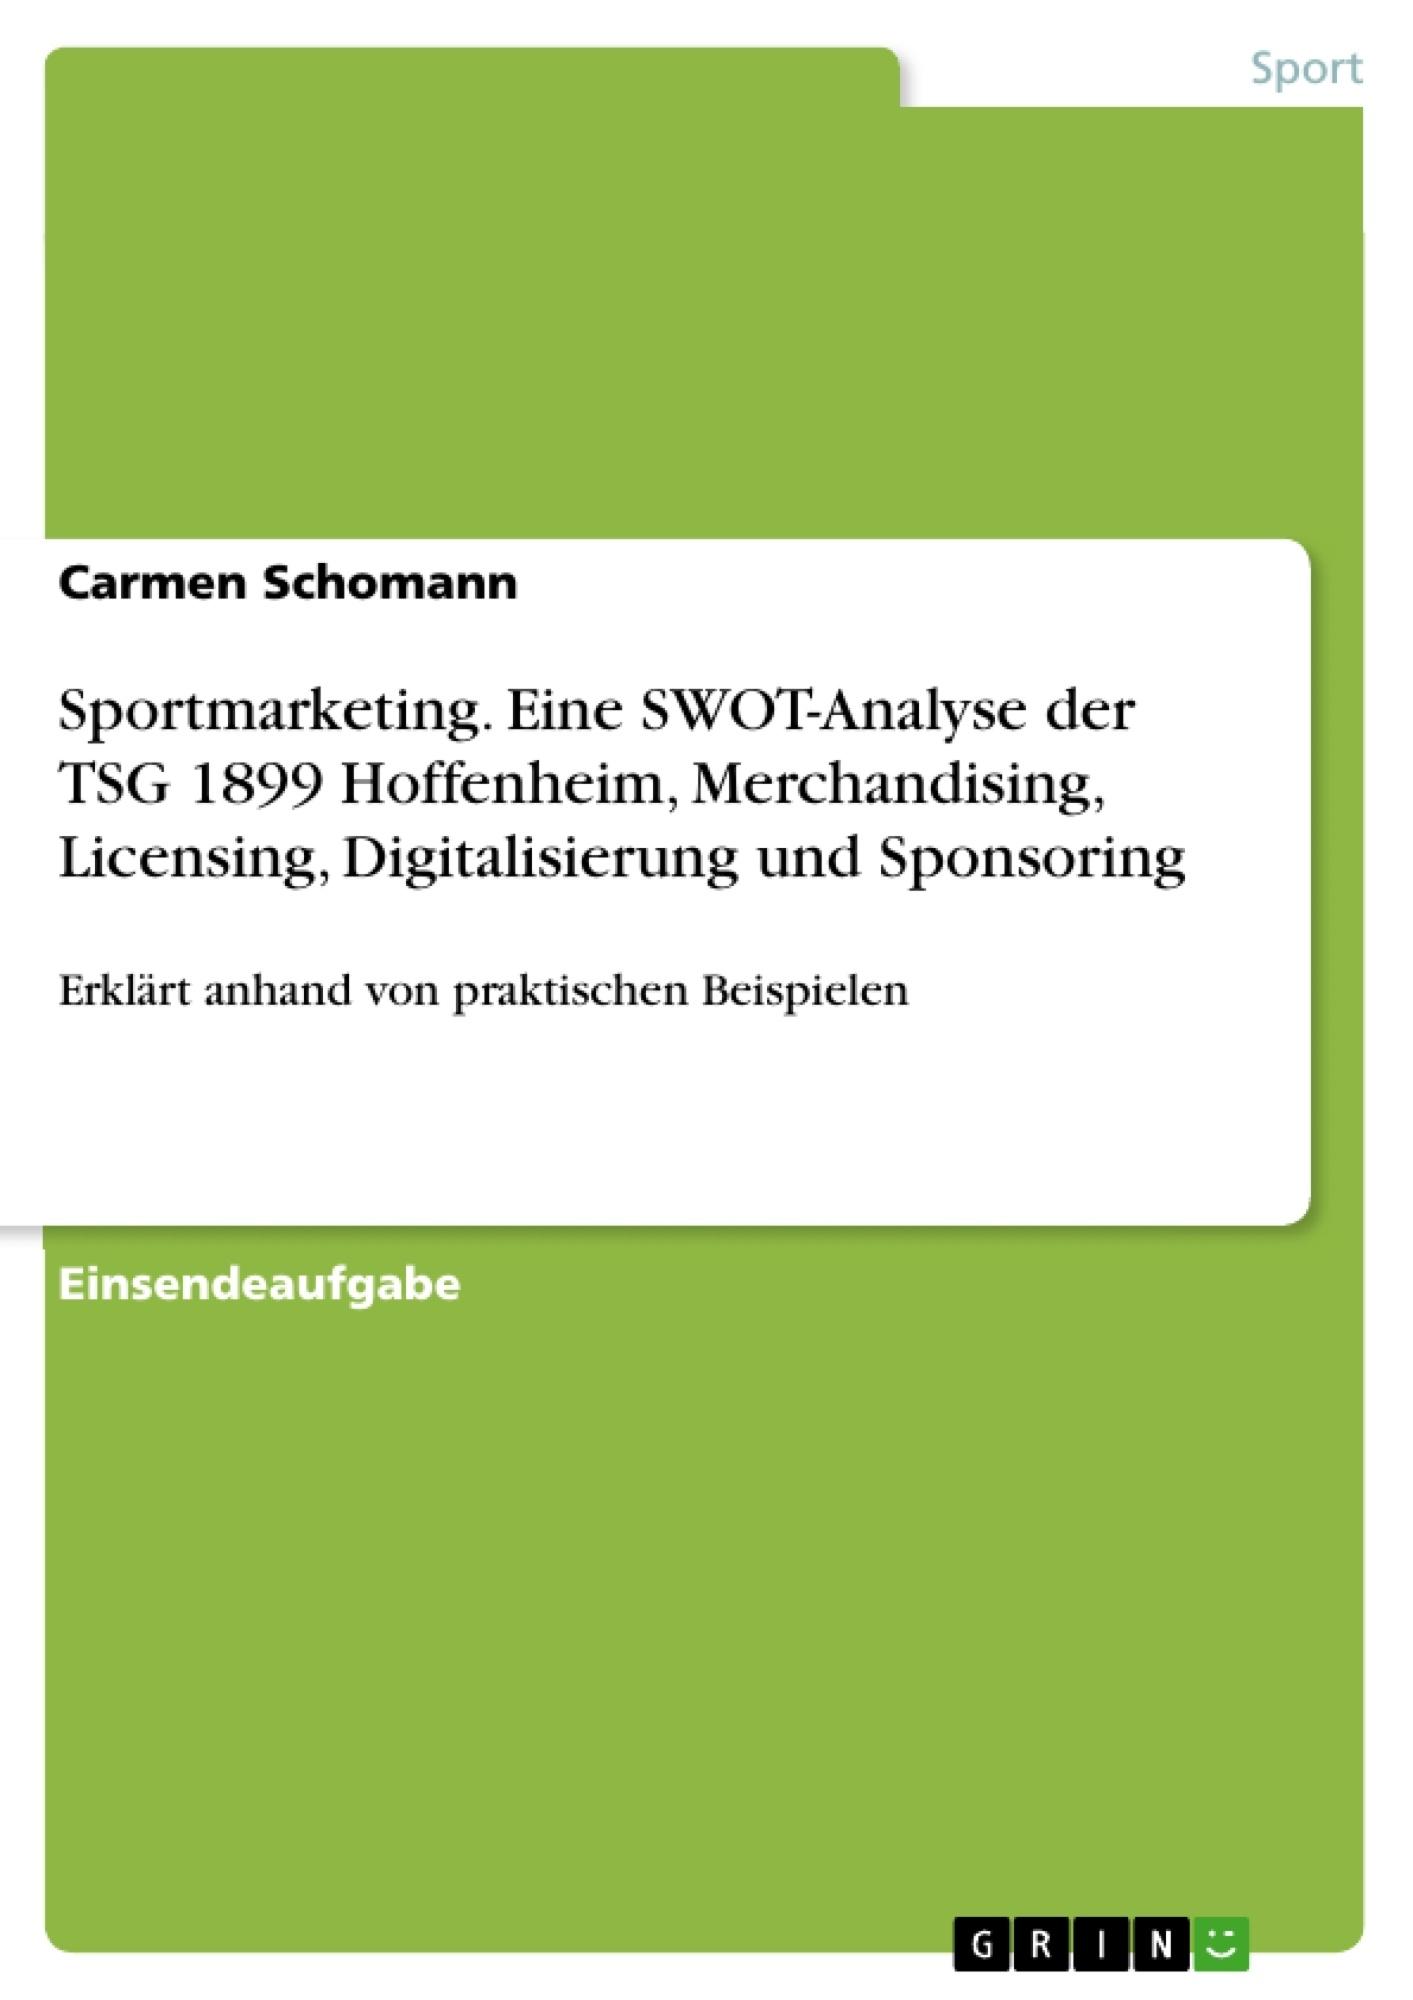 Titel: Sportmarketing. Eine SWOT-Analyse der TSG 1899 Hoffenheim, Merchandising, Licensing, Digitalisierung und Sponsoring